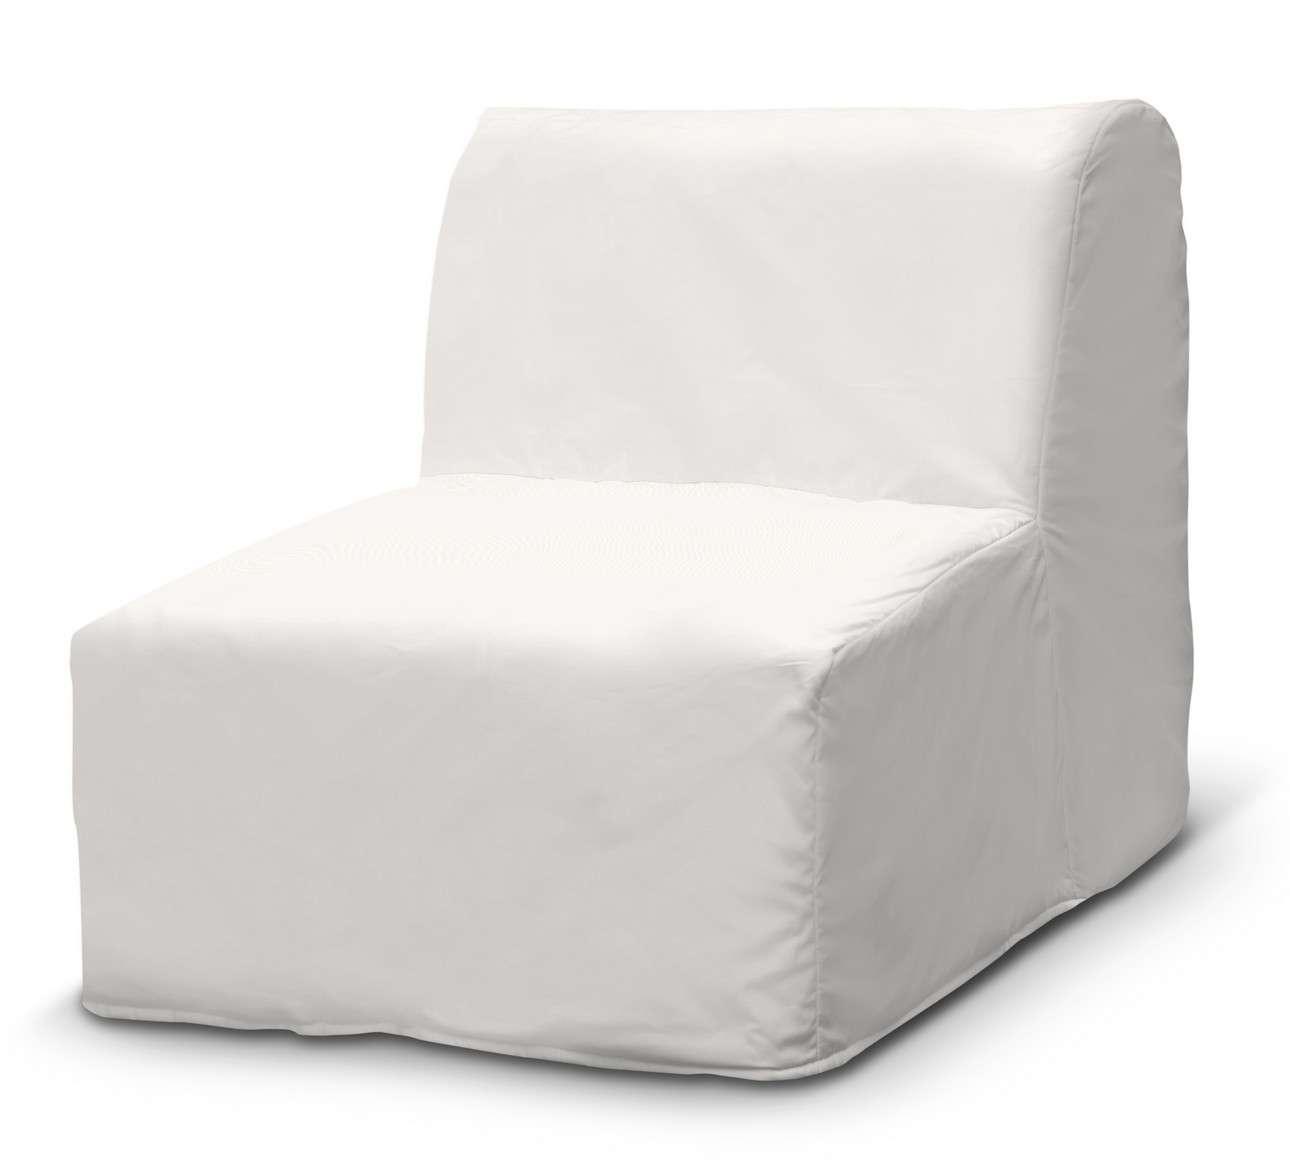 Lycksele fotelio užvalkalas Lycksele fotelis kolekcijoje Cotton Panama, audinys: 702-34